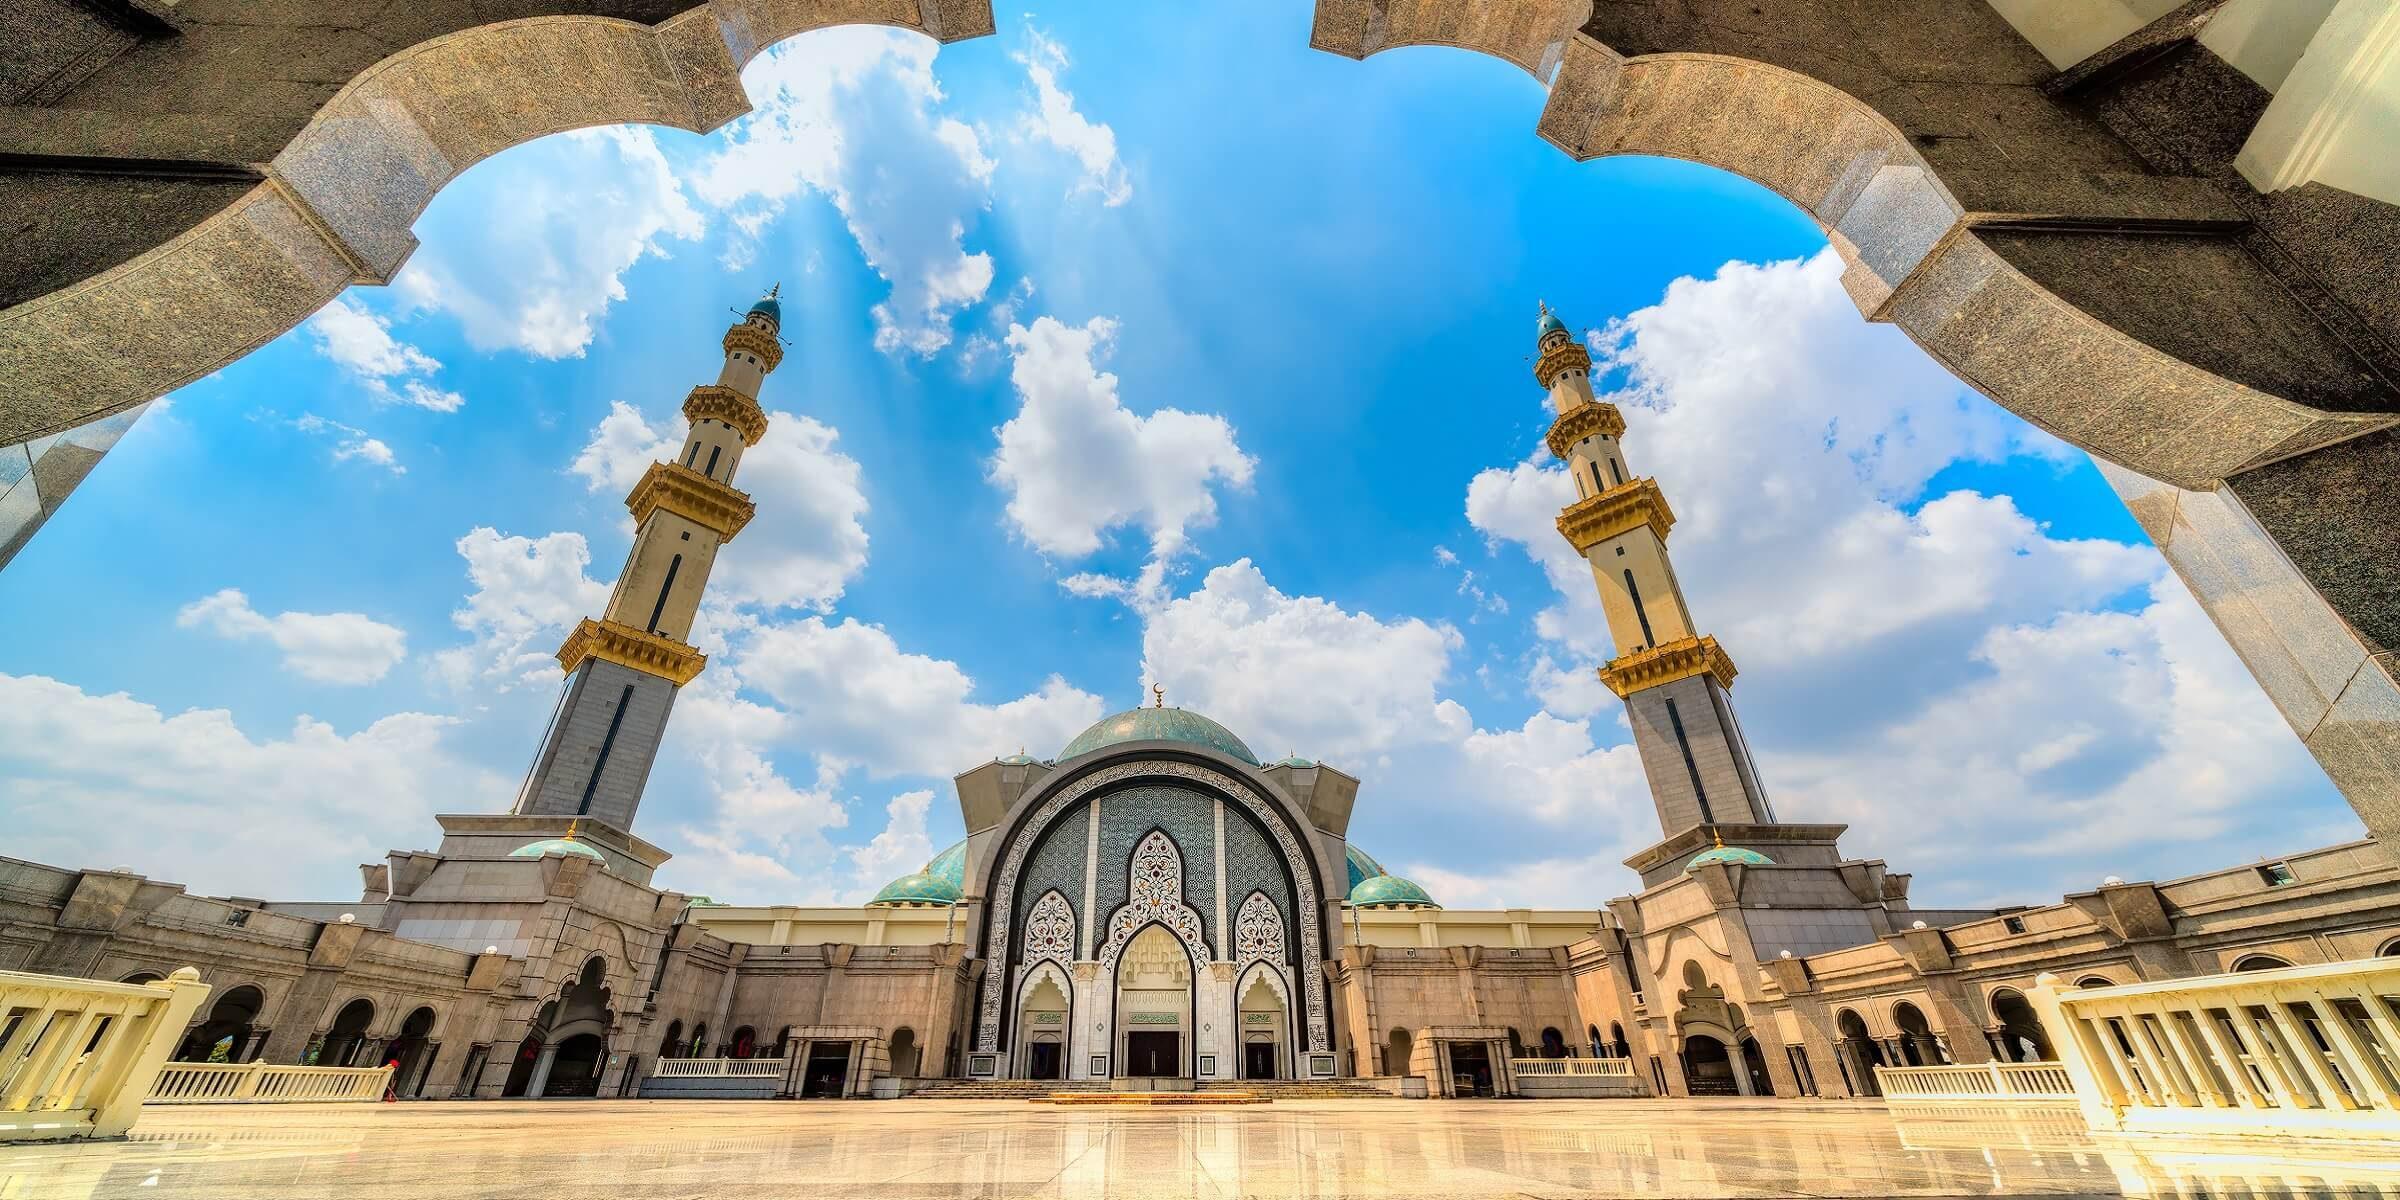 In Kuala Lumpur werden wir eine Moschee besuchen